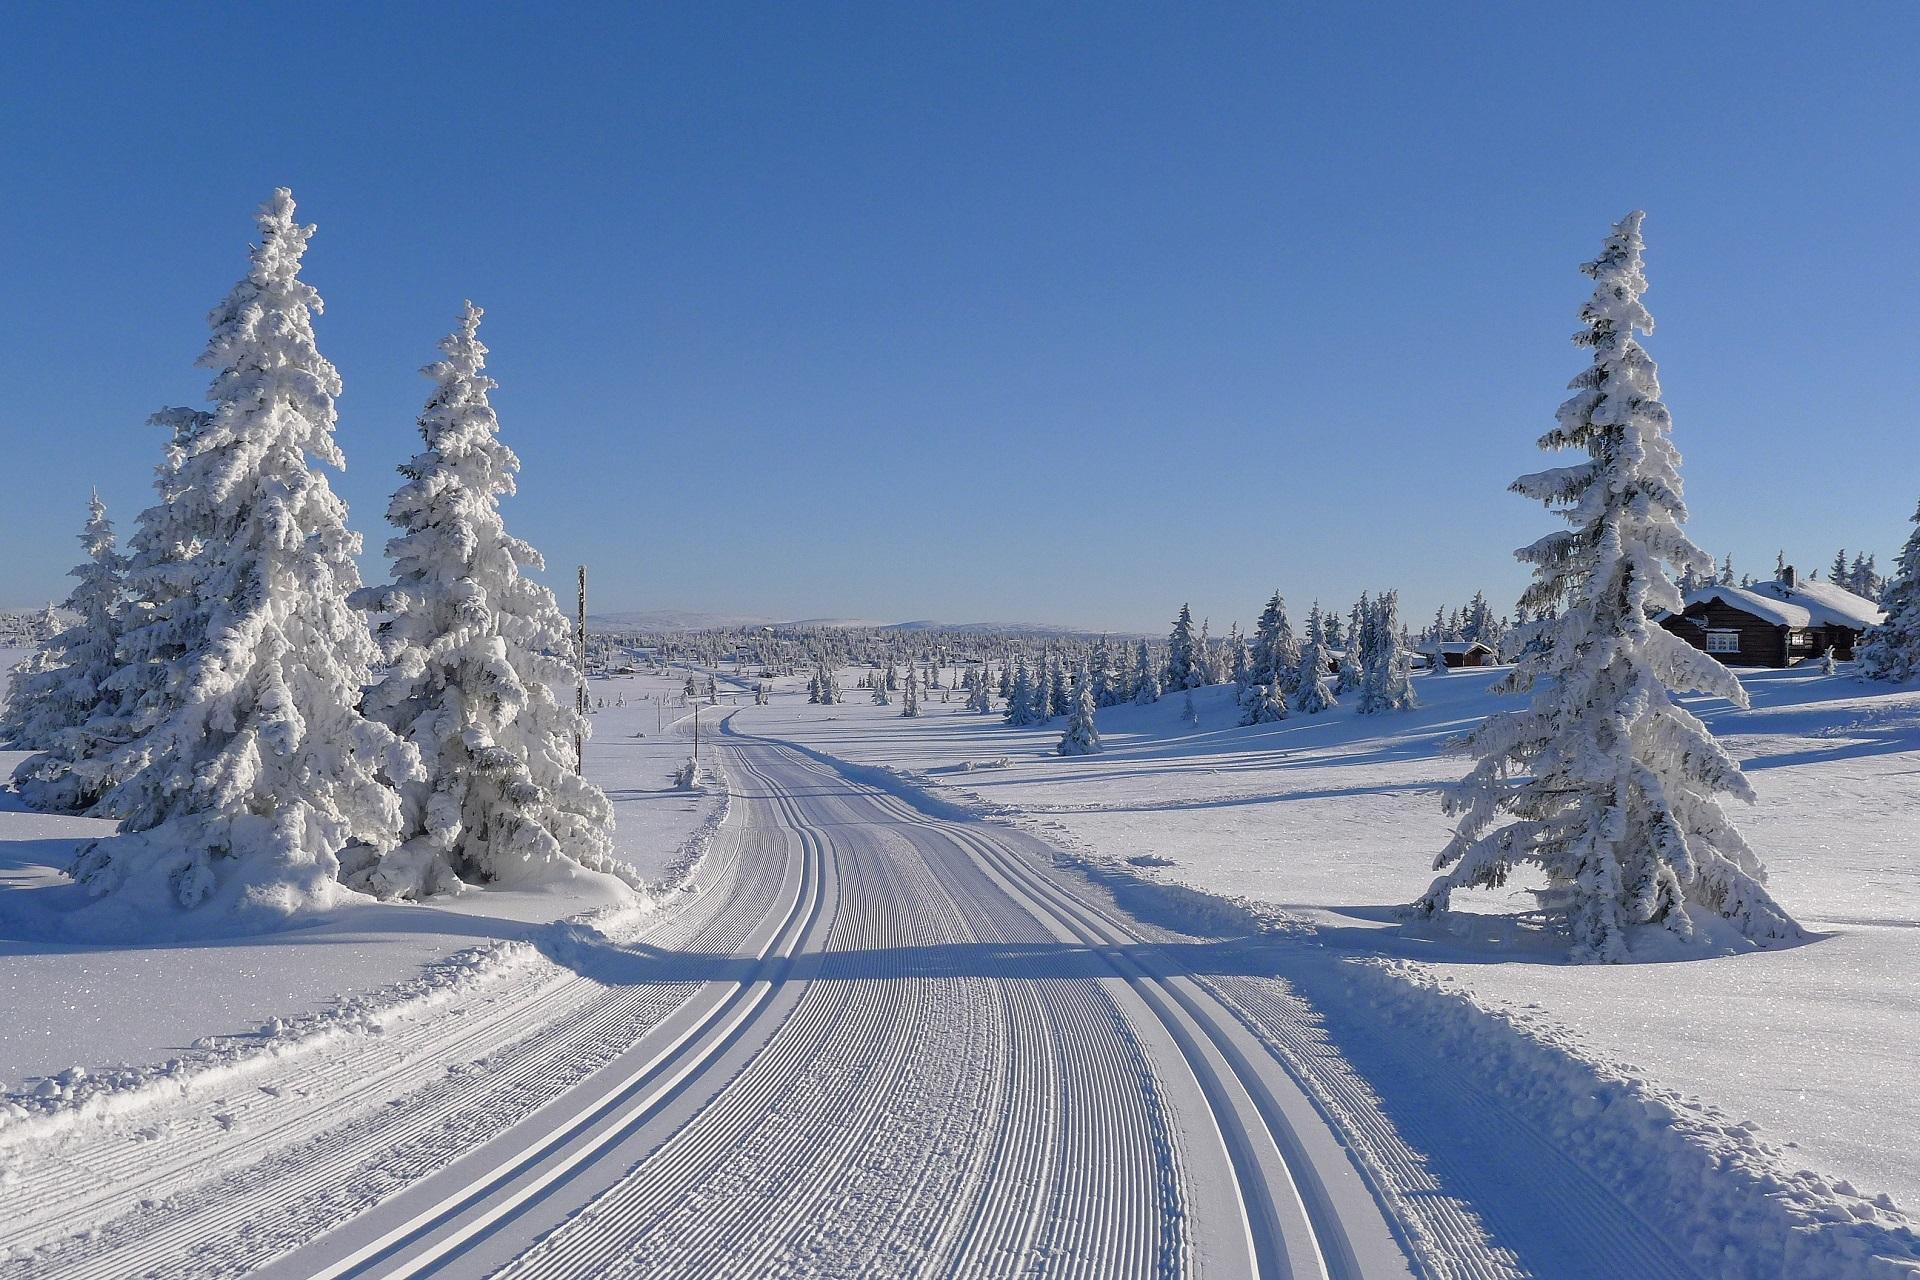 Sjusjøen/Nordseter : Galerie photos / Sandozconcept - Winterreisen weltweit